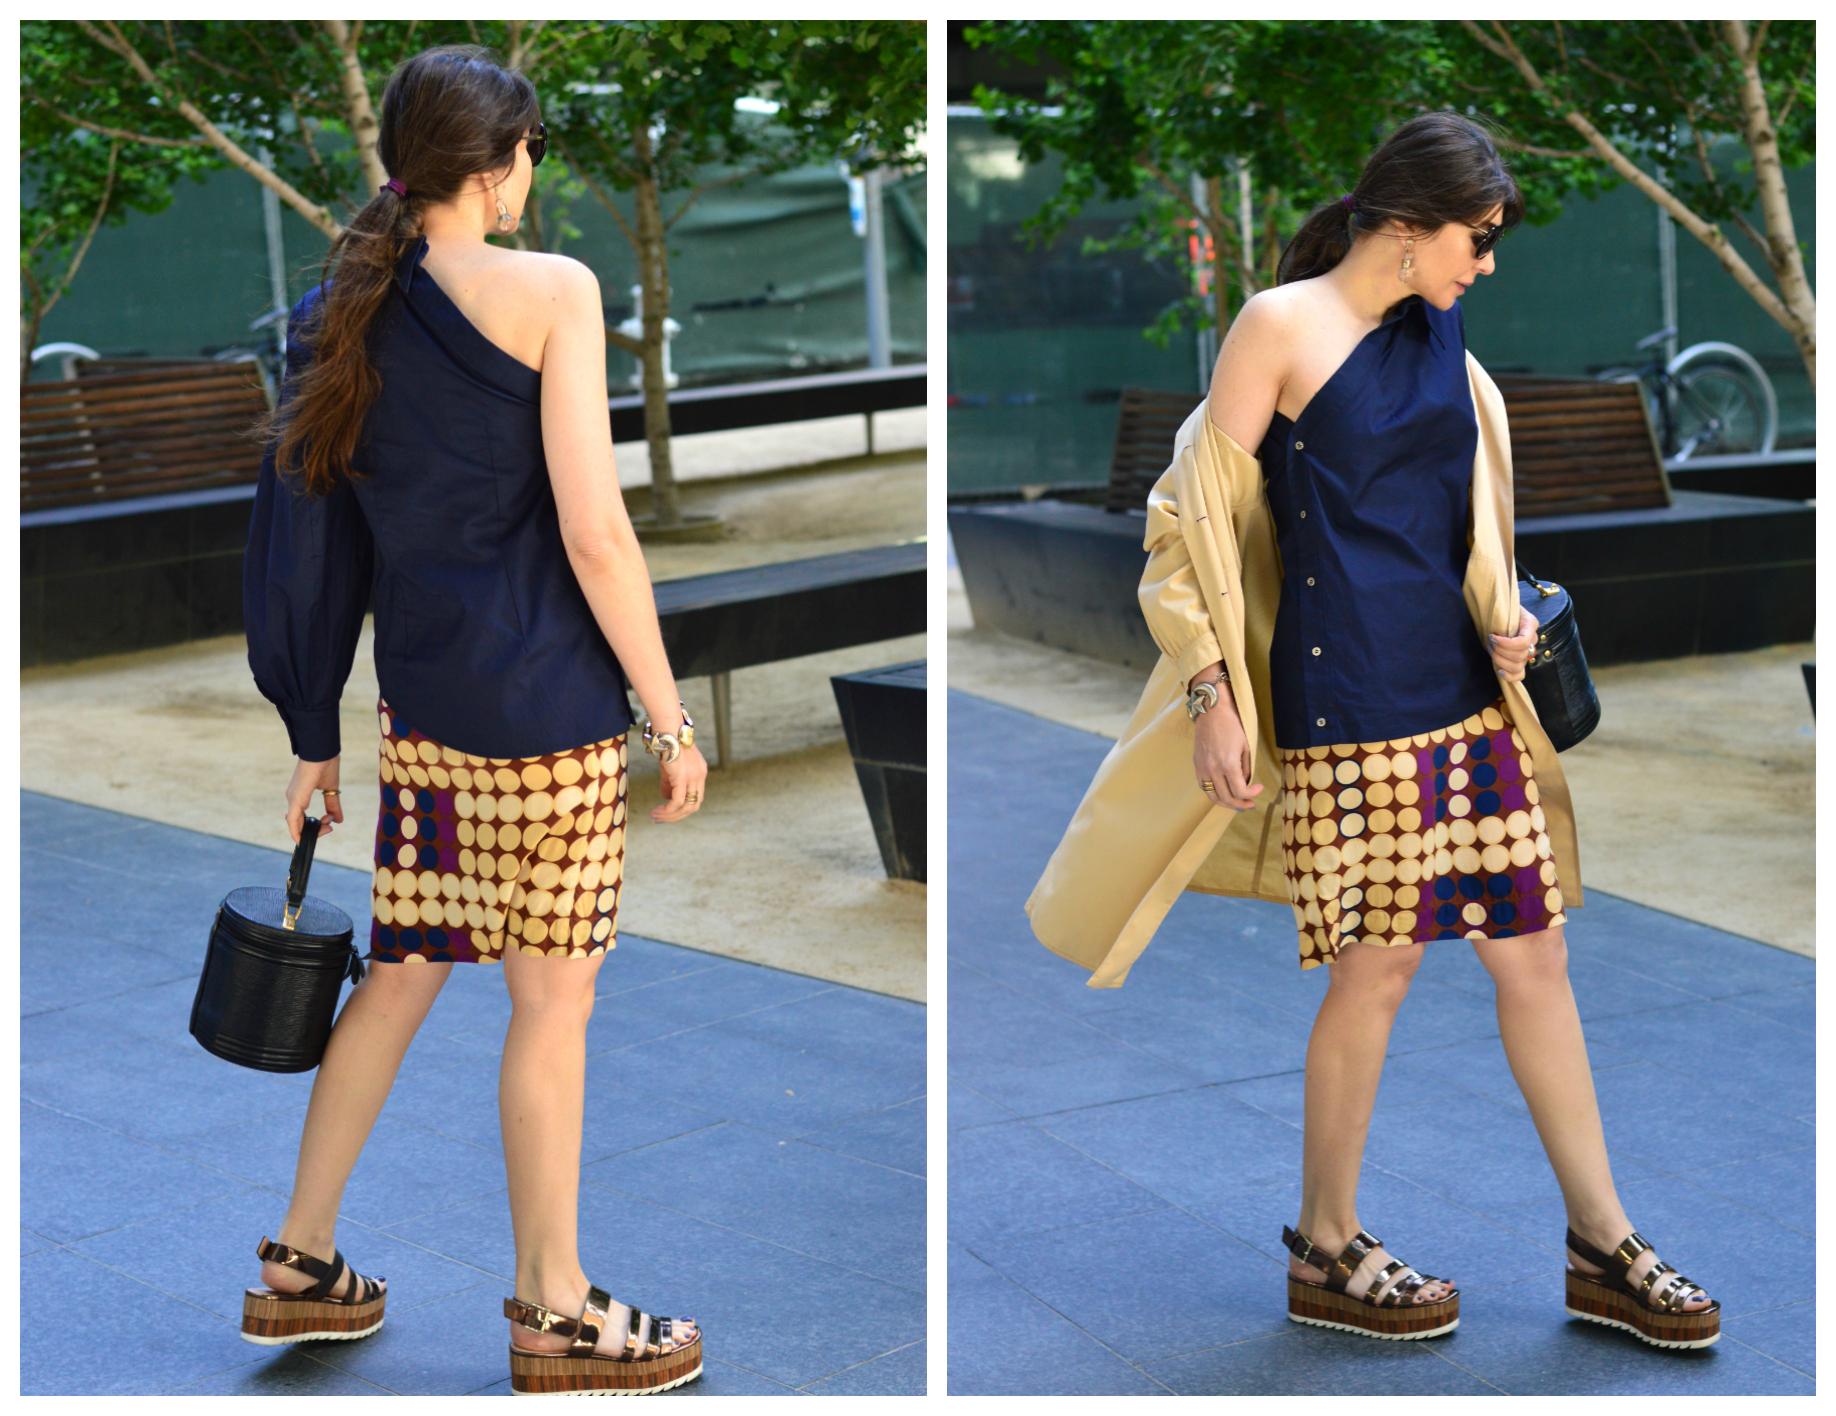 One-shouder shirt and polka dot skirt.